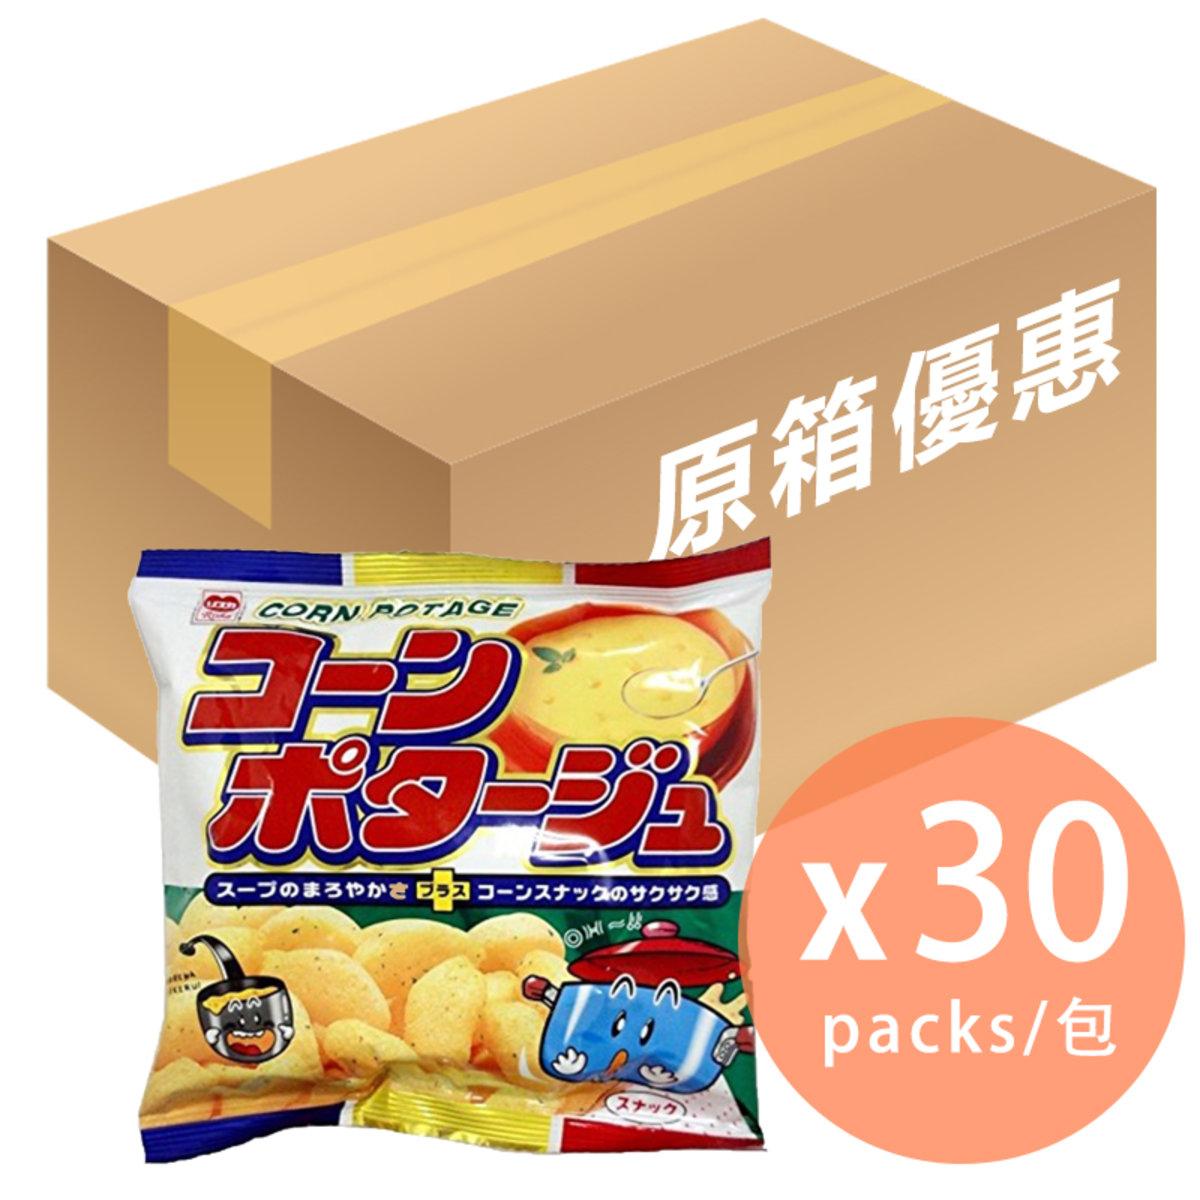 [原箱] 濃湯粟米球 (細) 20g x 30包 (4903013030018_30)